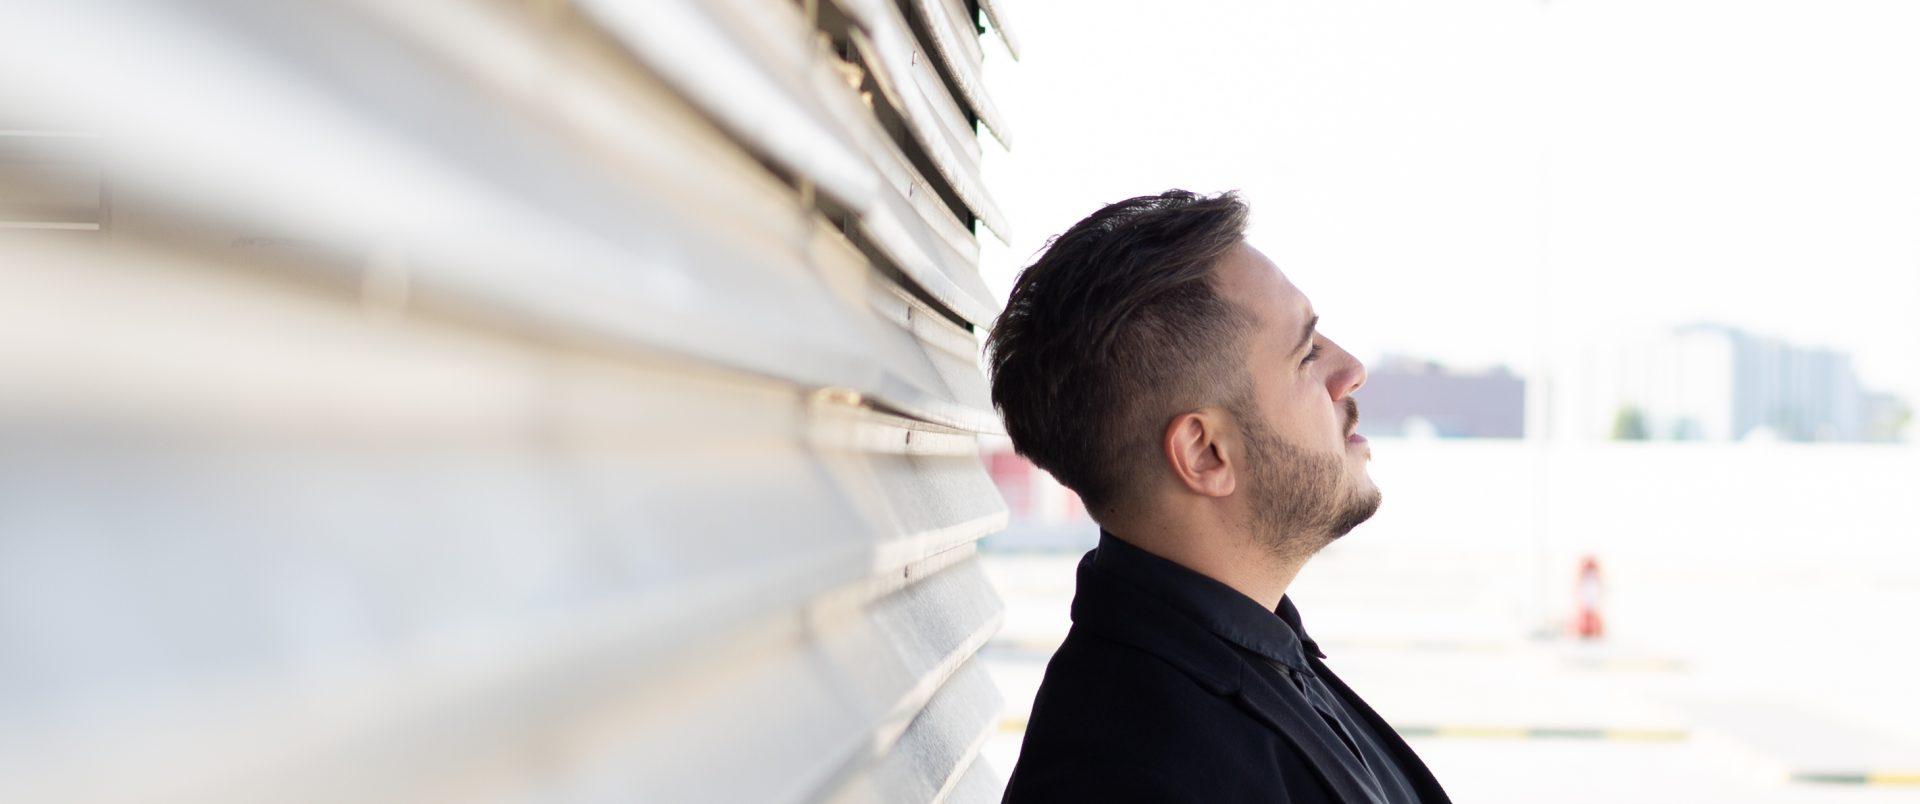 Dobrikan apare în compilația Kindisch Music de sfârșit de 2018